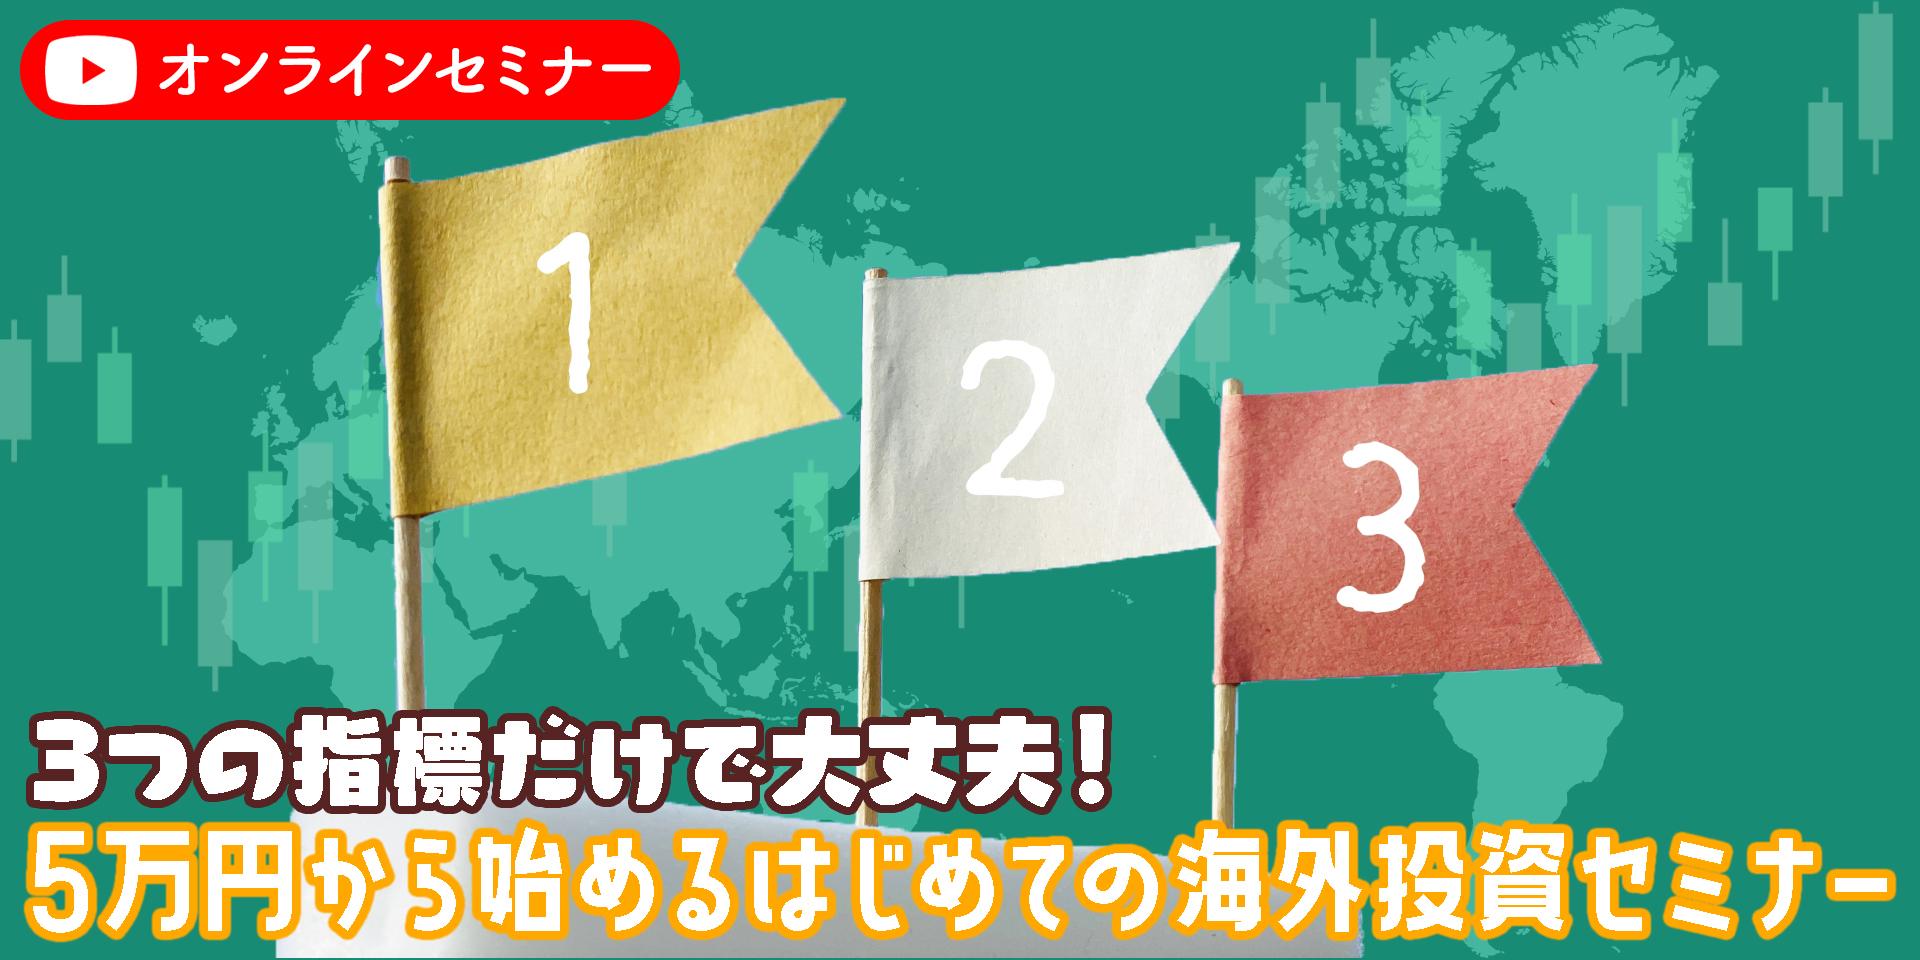 CFD5万円オンライン